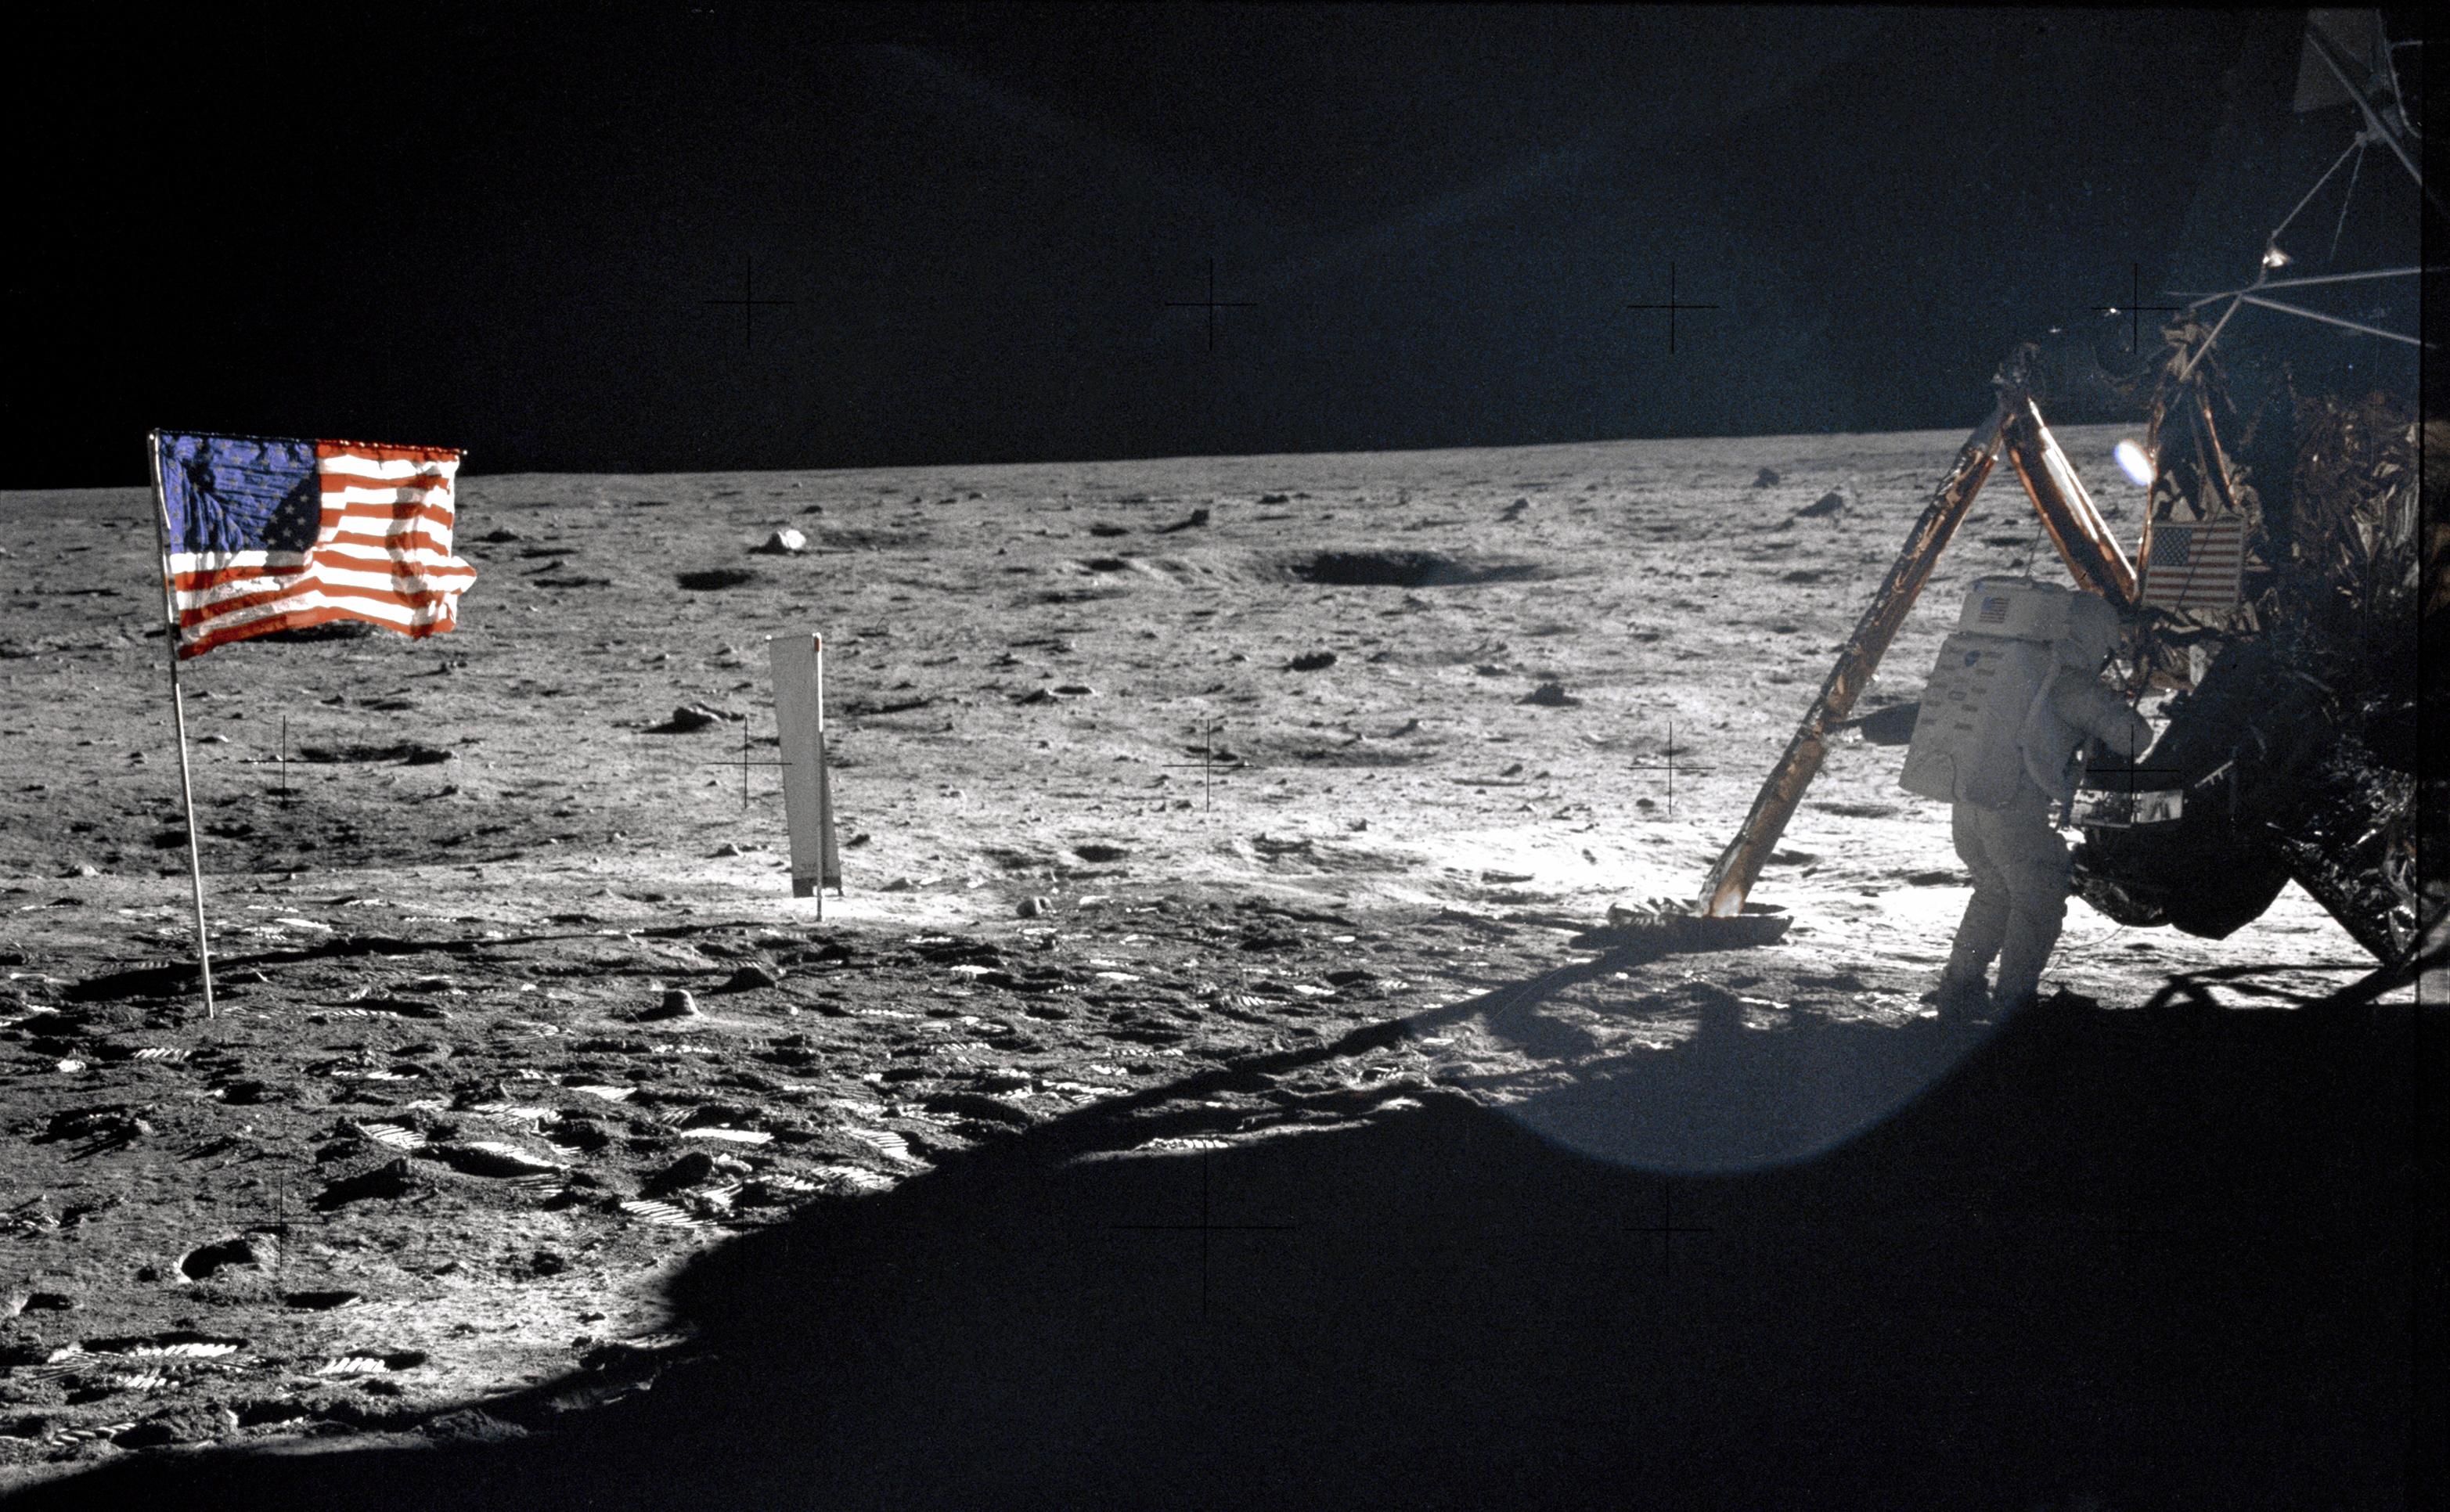 Jak wyglądają dziś flagi na Księżycu?